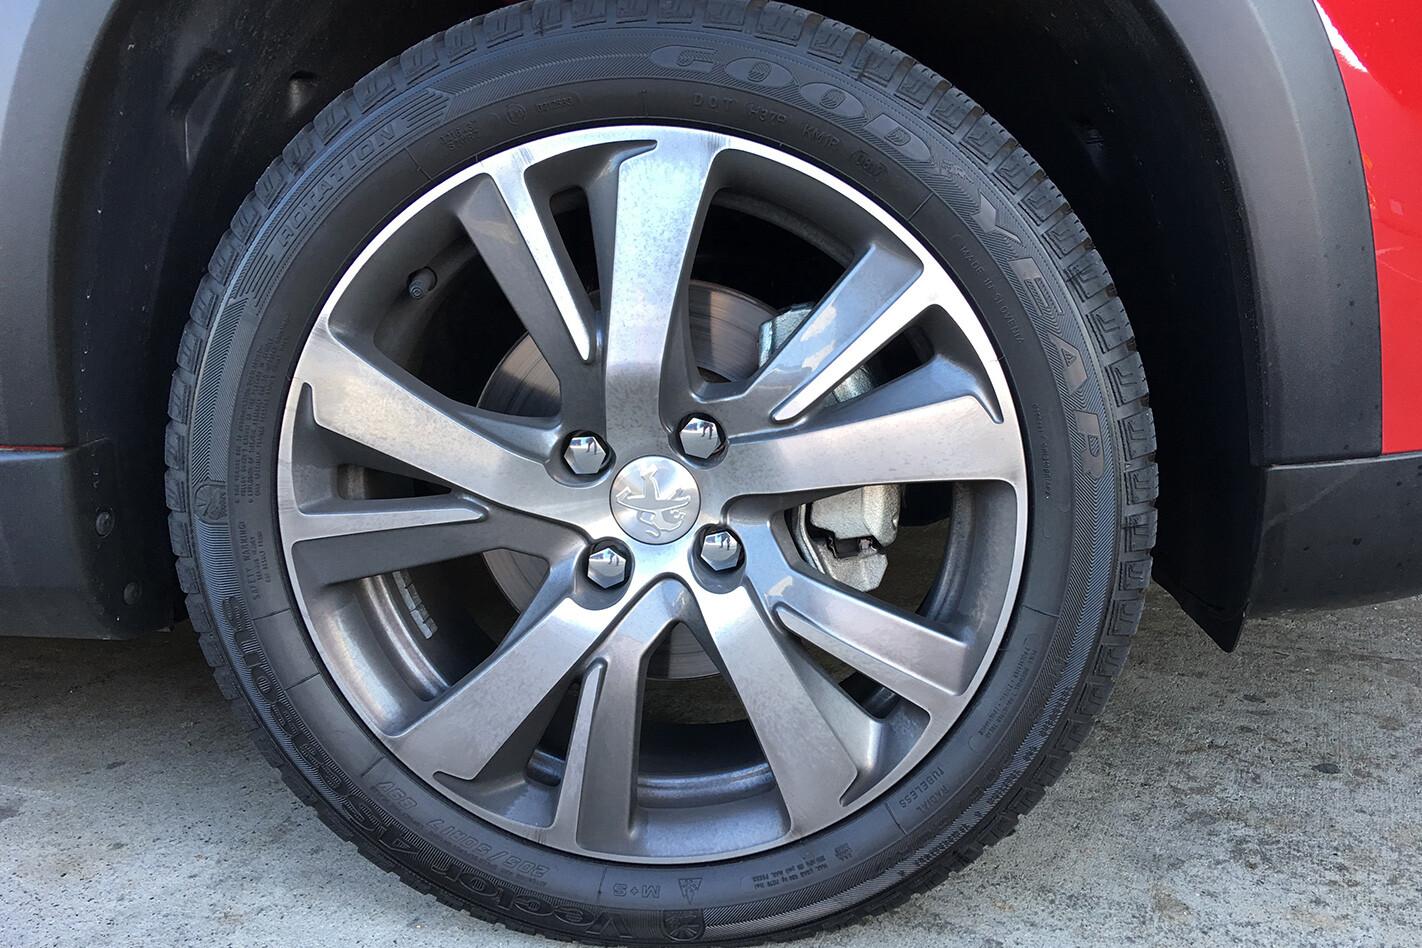 Peugeot 2008 Wheel Jpg